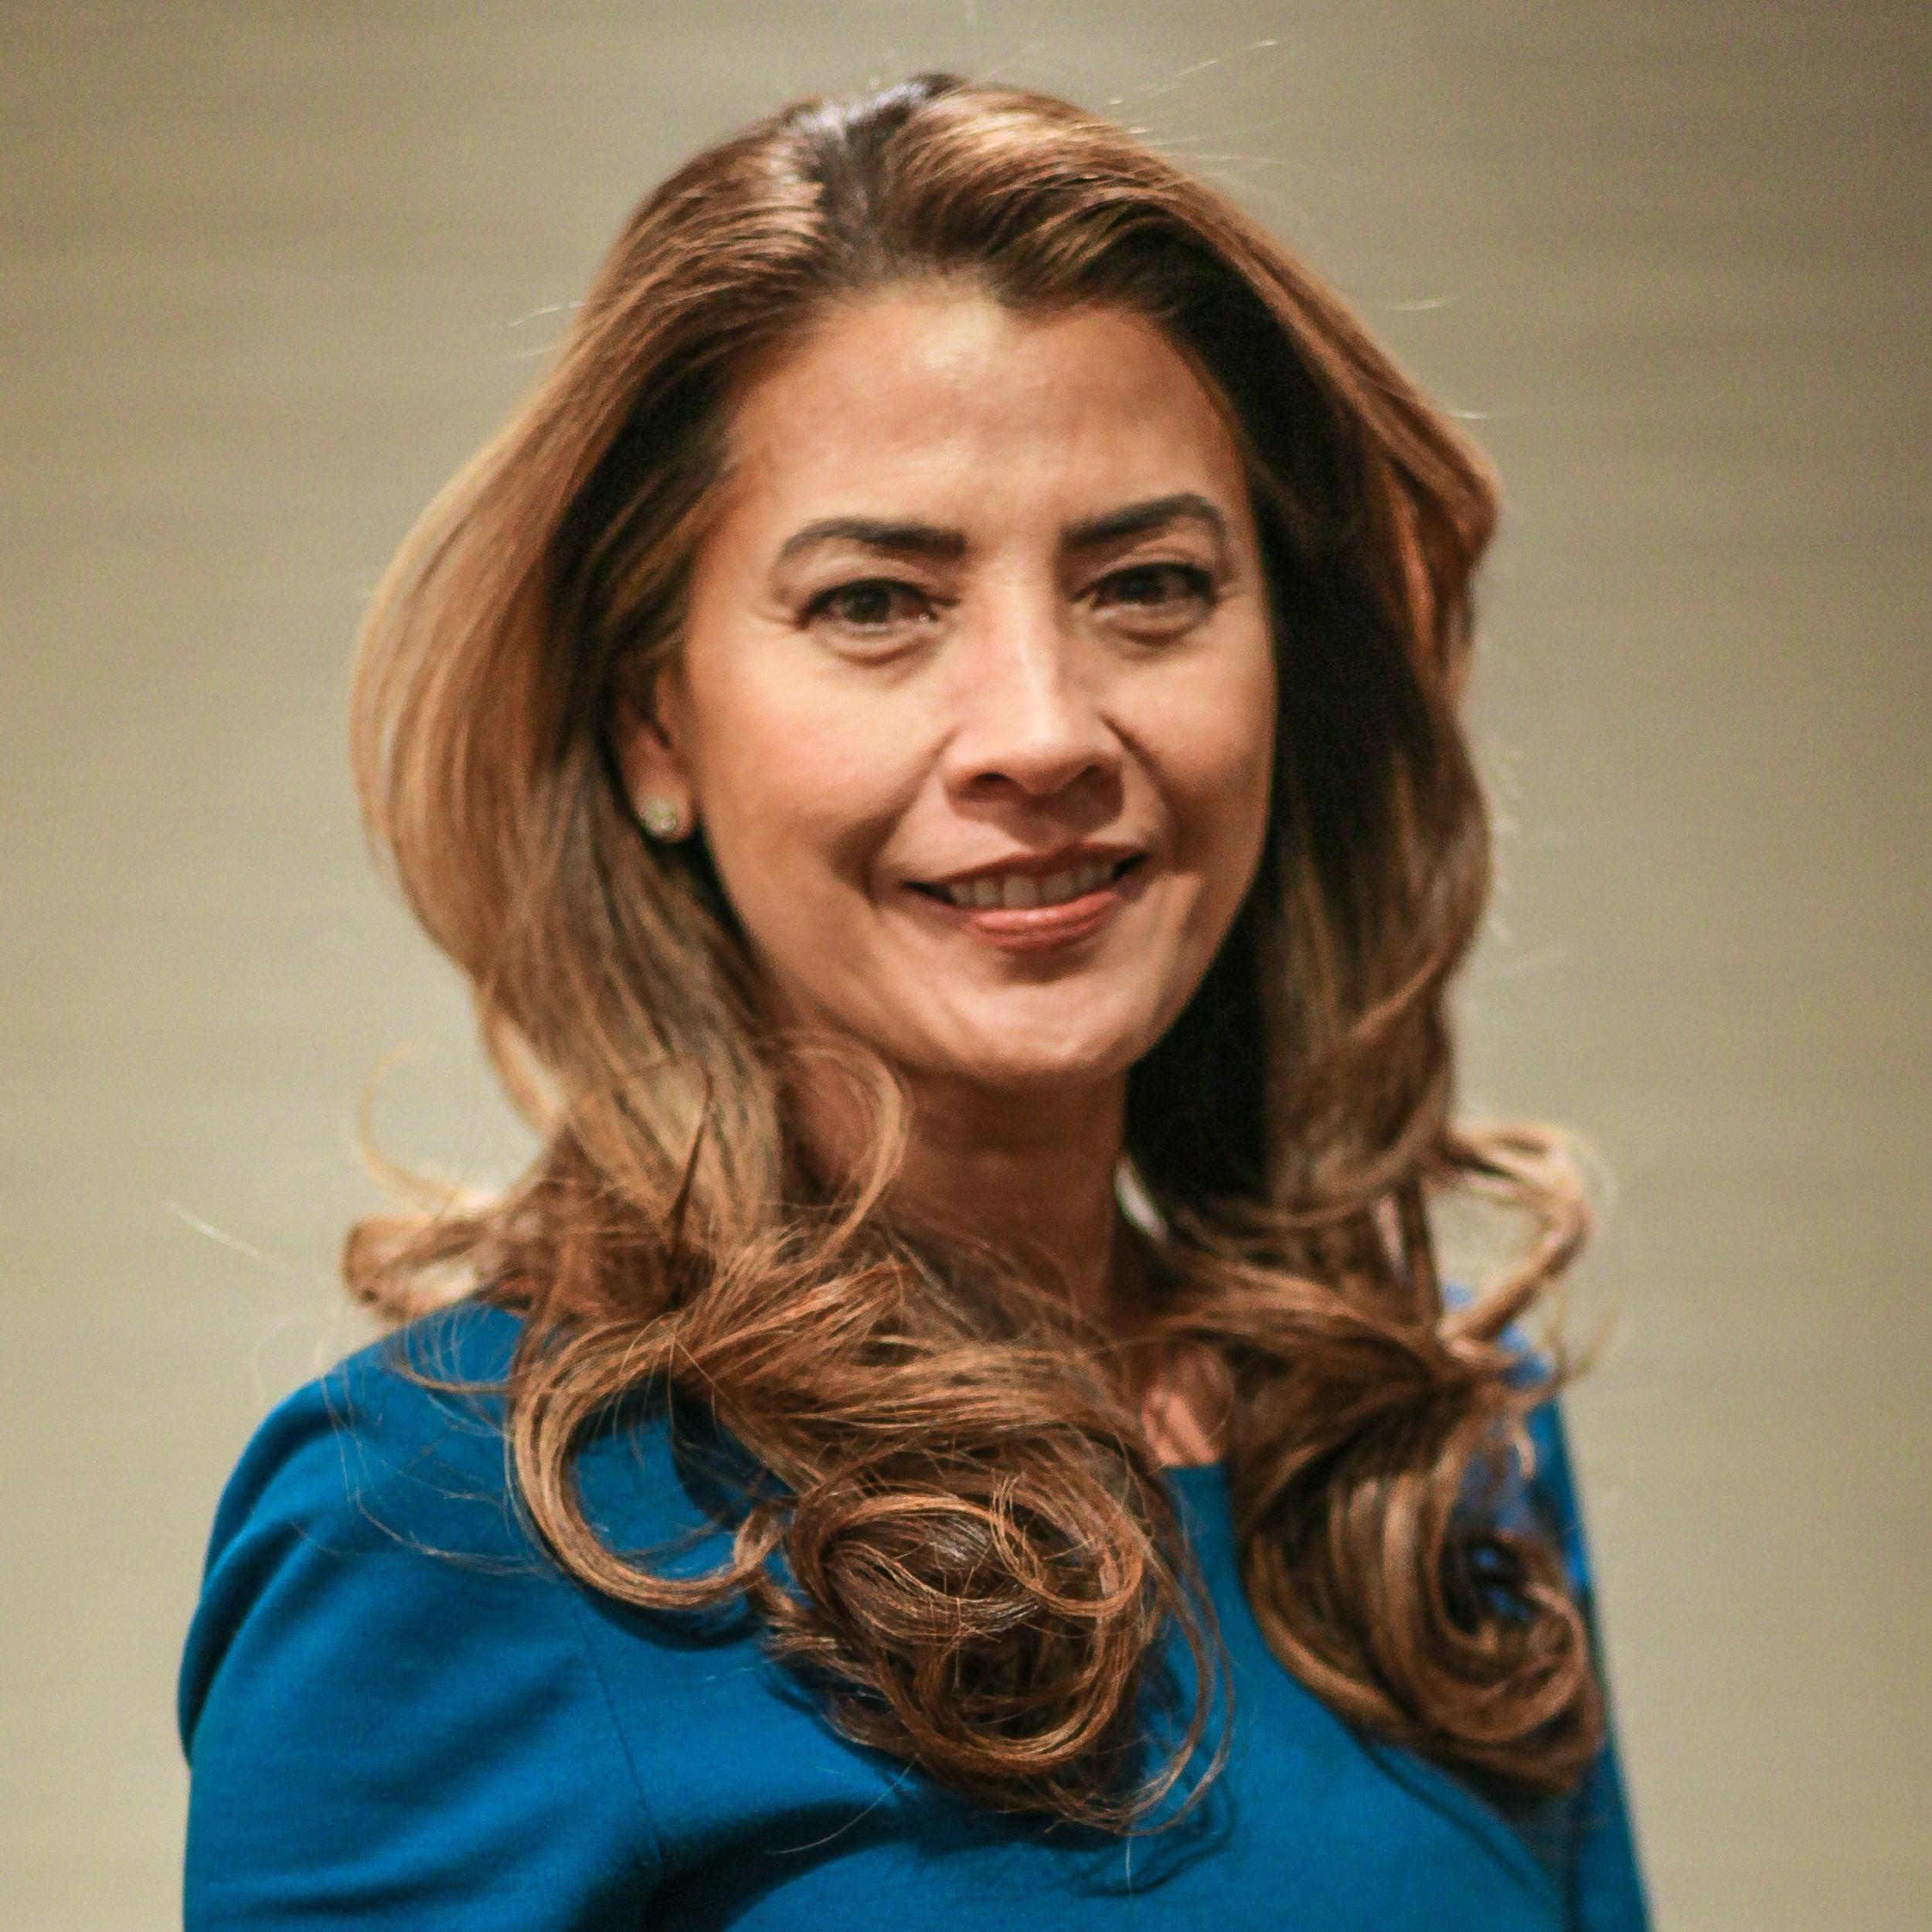 <b>Gizelle Covarrubias Robinson</b><br>IT Managing Director<br>Schwab Technology Services